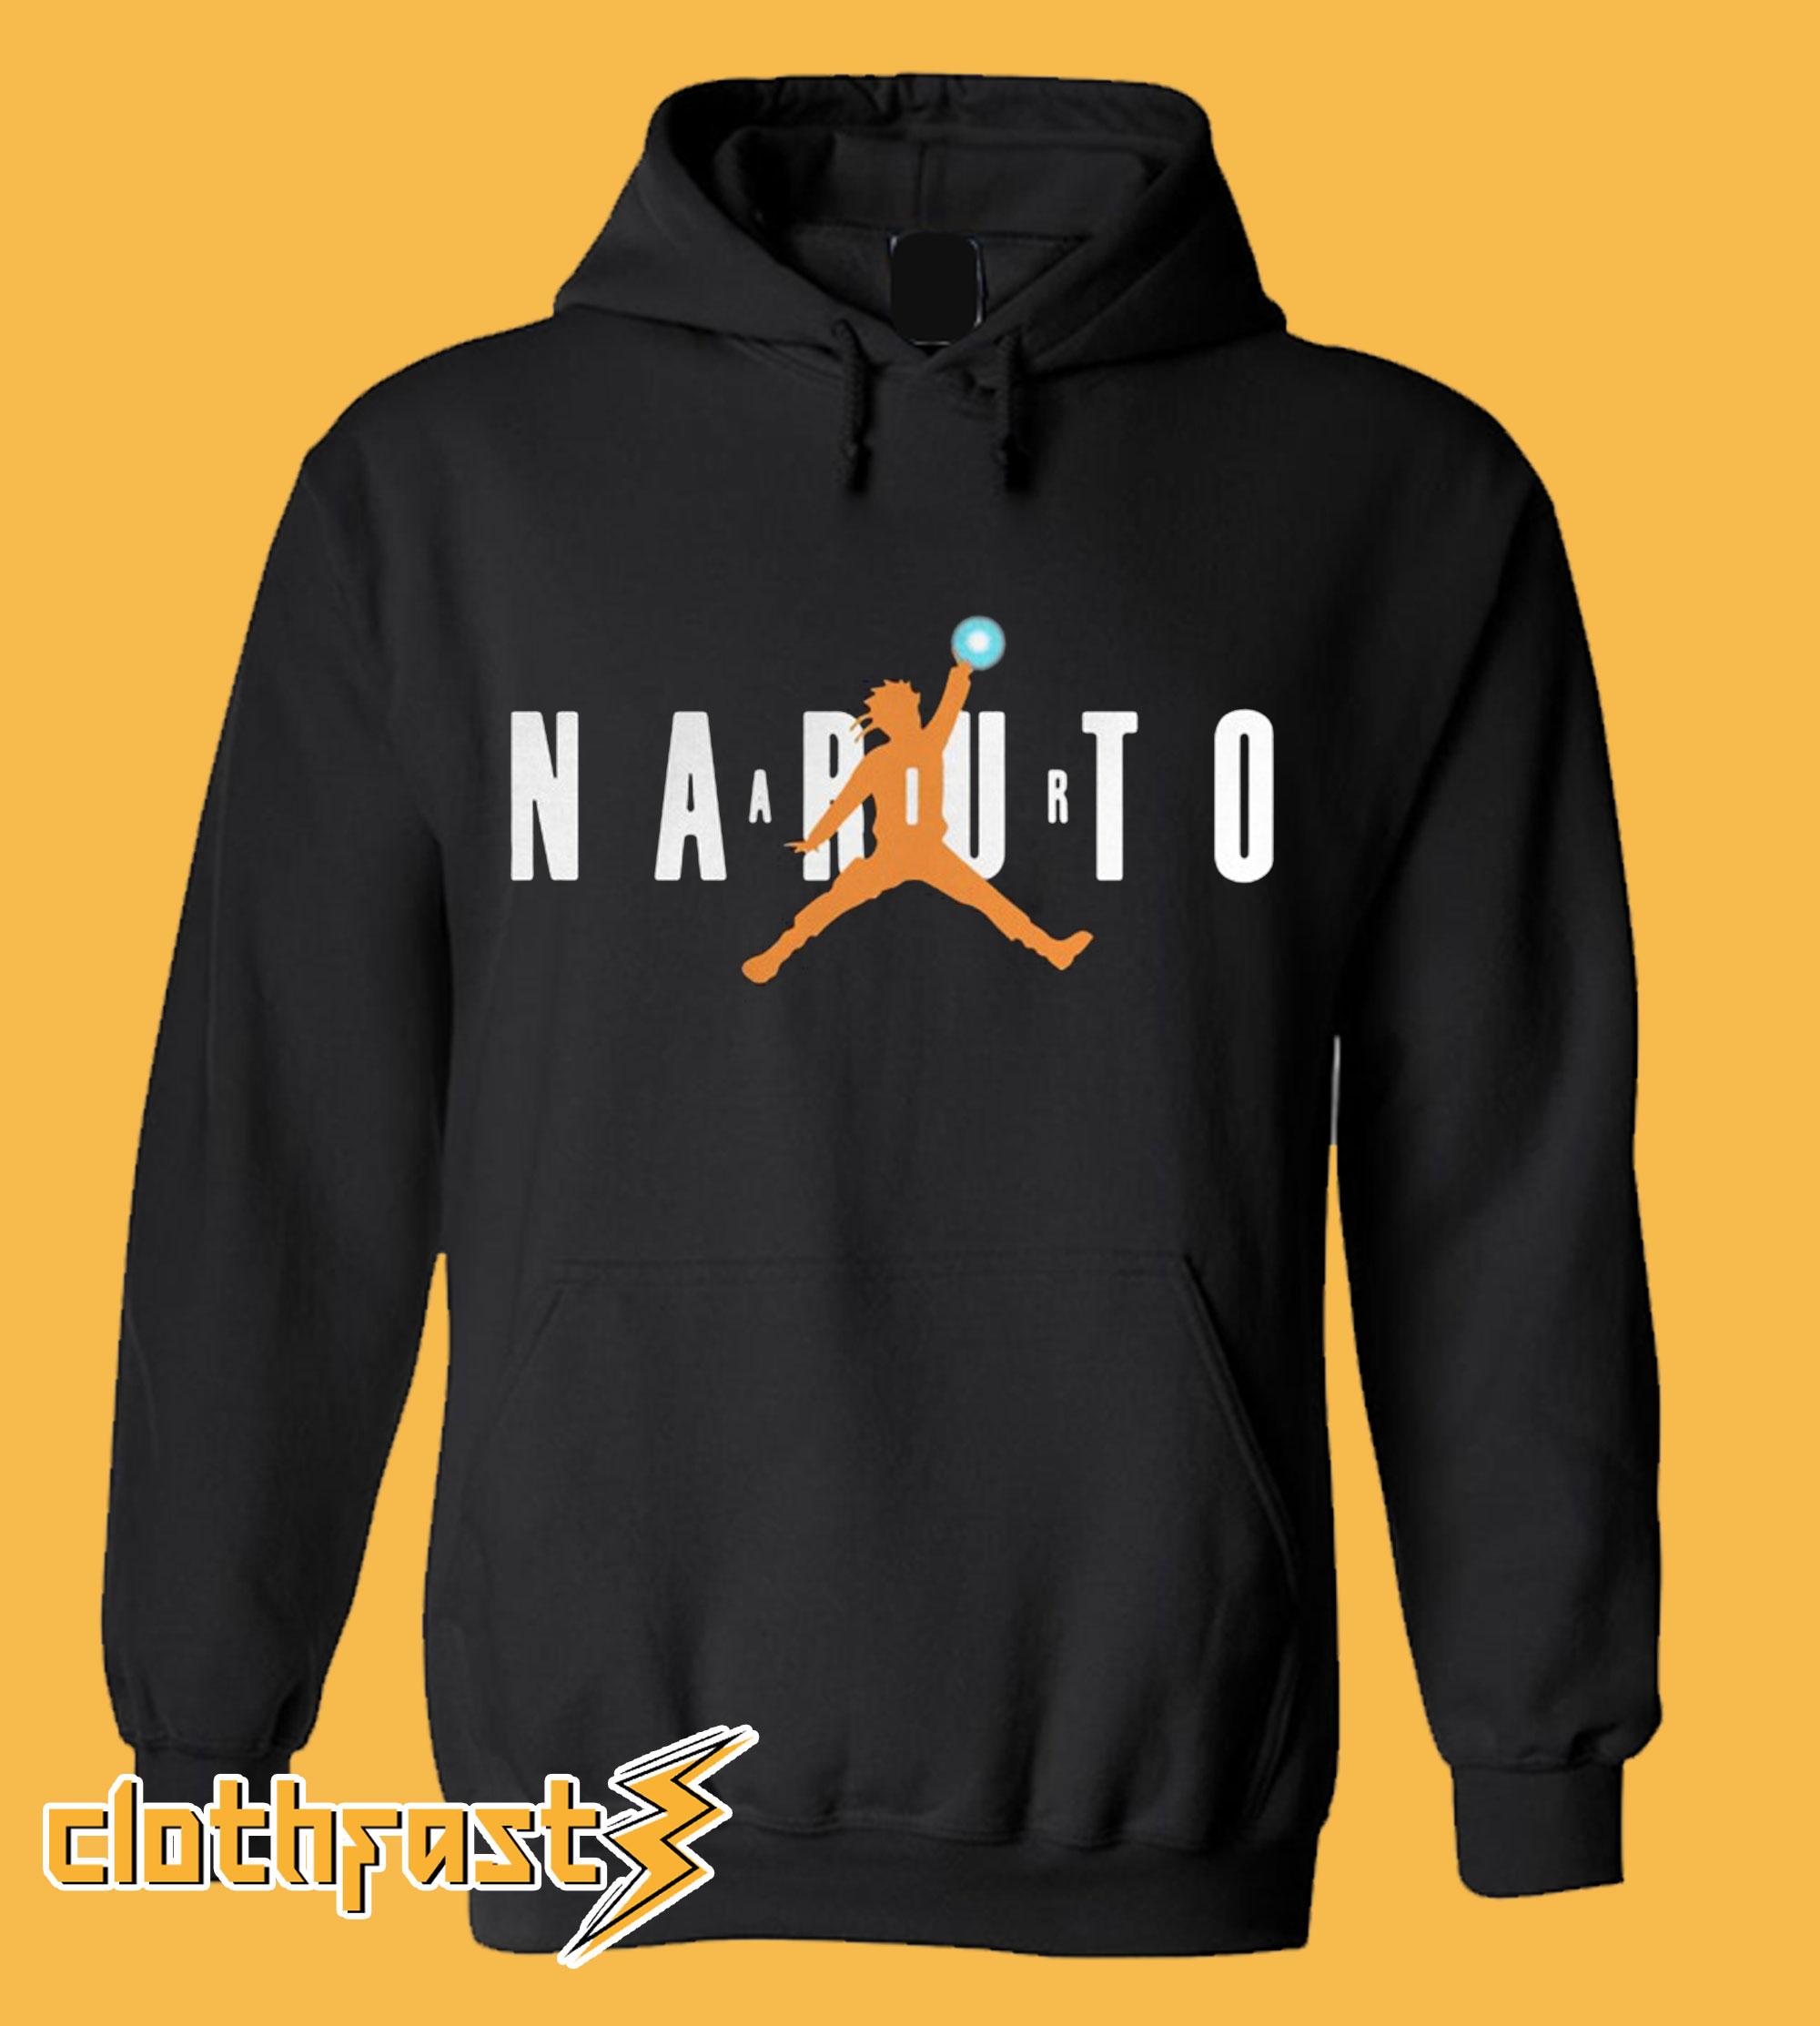 Air Jordan Naruto Hoodie